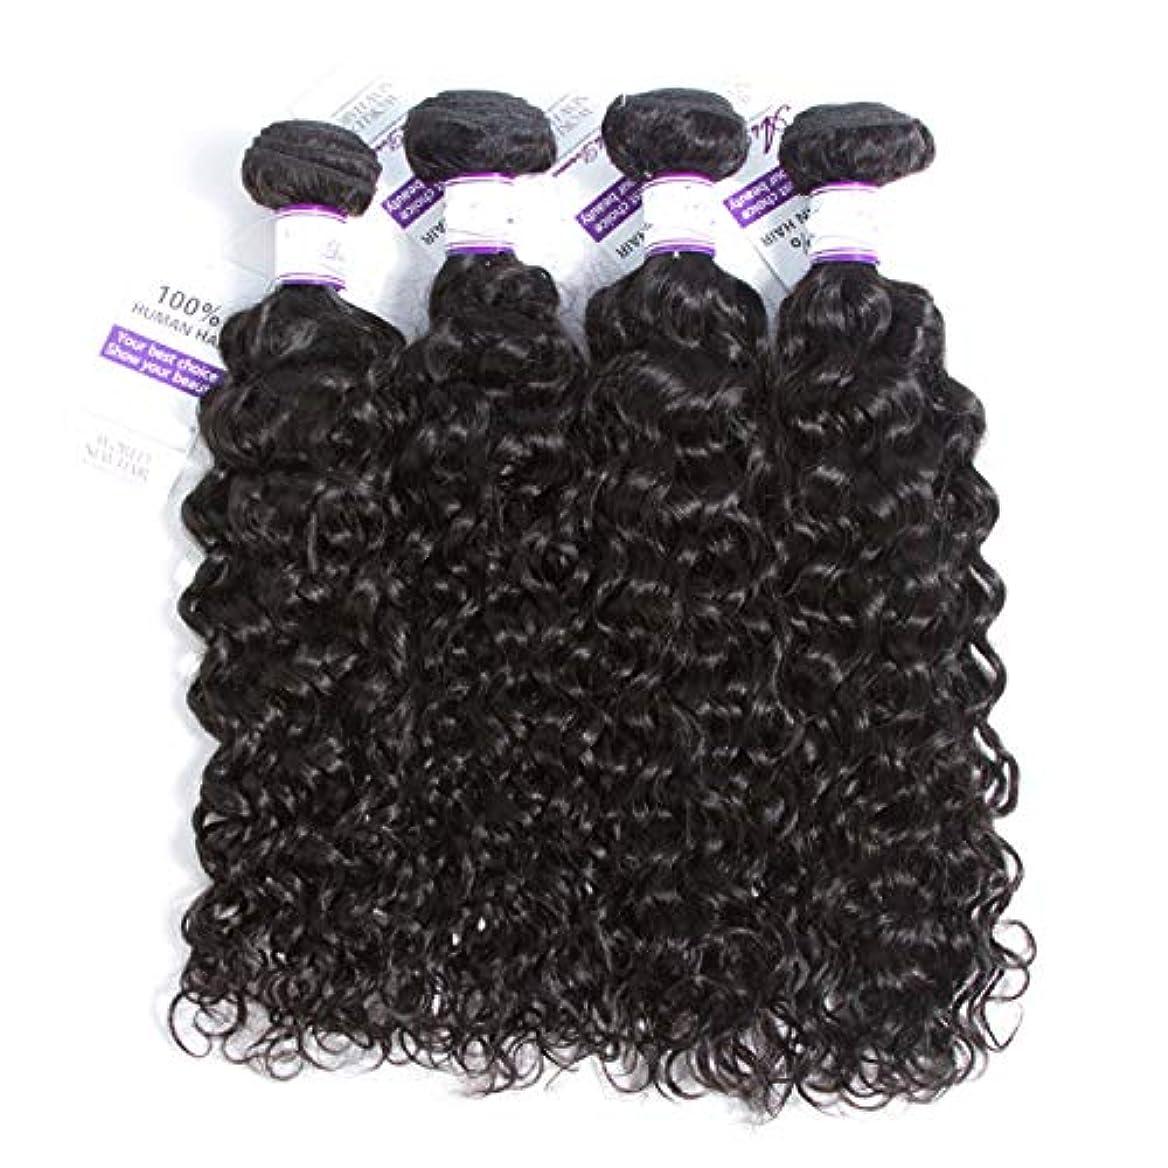 綺麗な繰り返す口述かつら マレーシアの水の波髪4個人間の髪の毛の束非レミーの毛延長ナチュラルブラック (Length : 10 10 10 10)